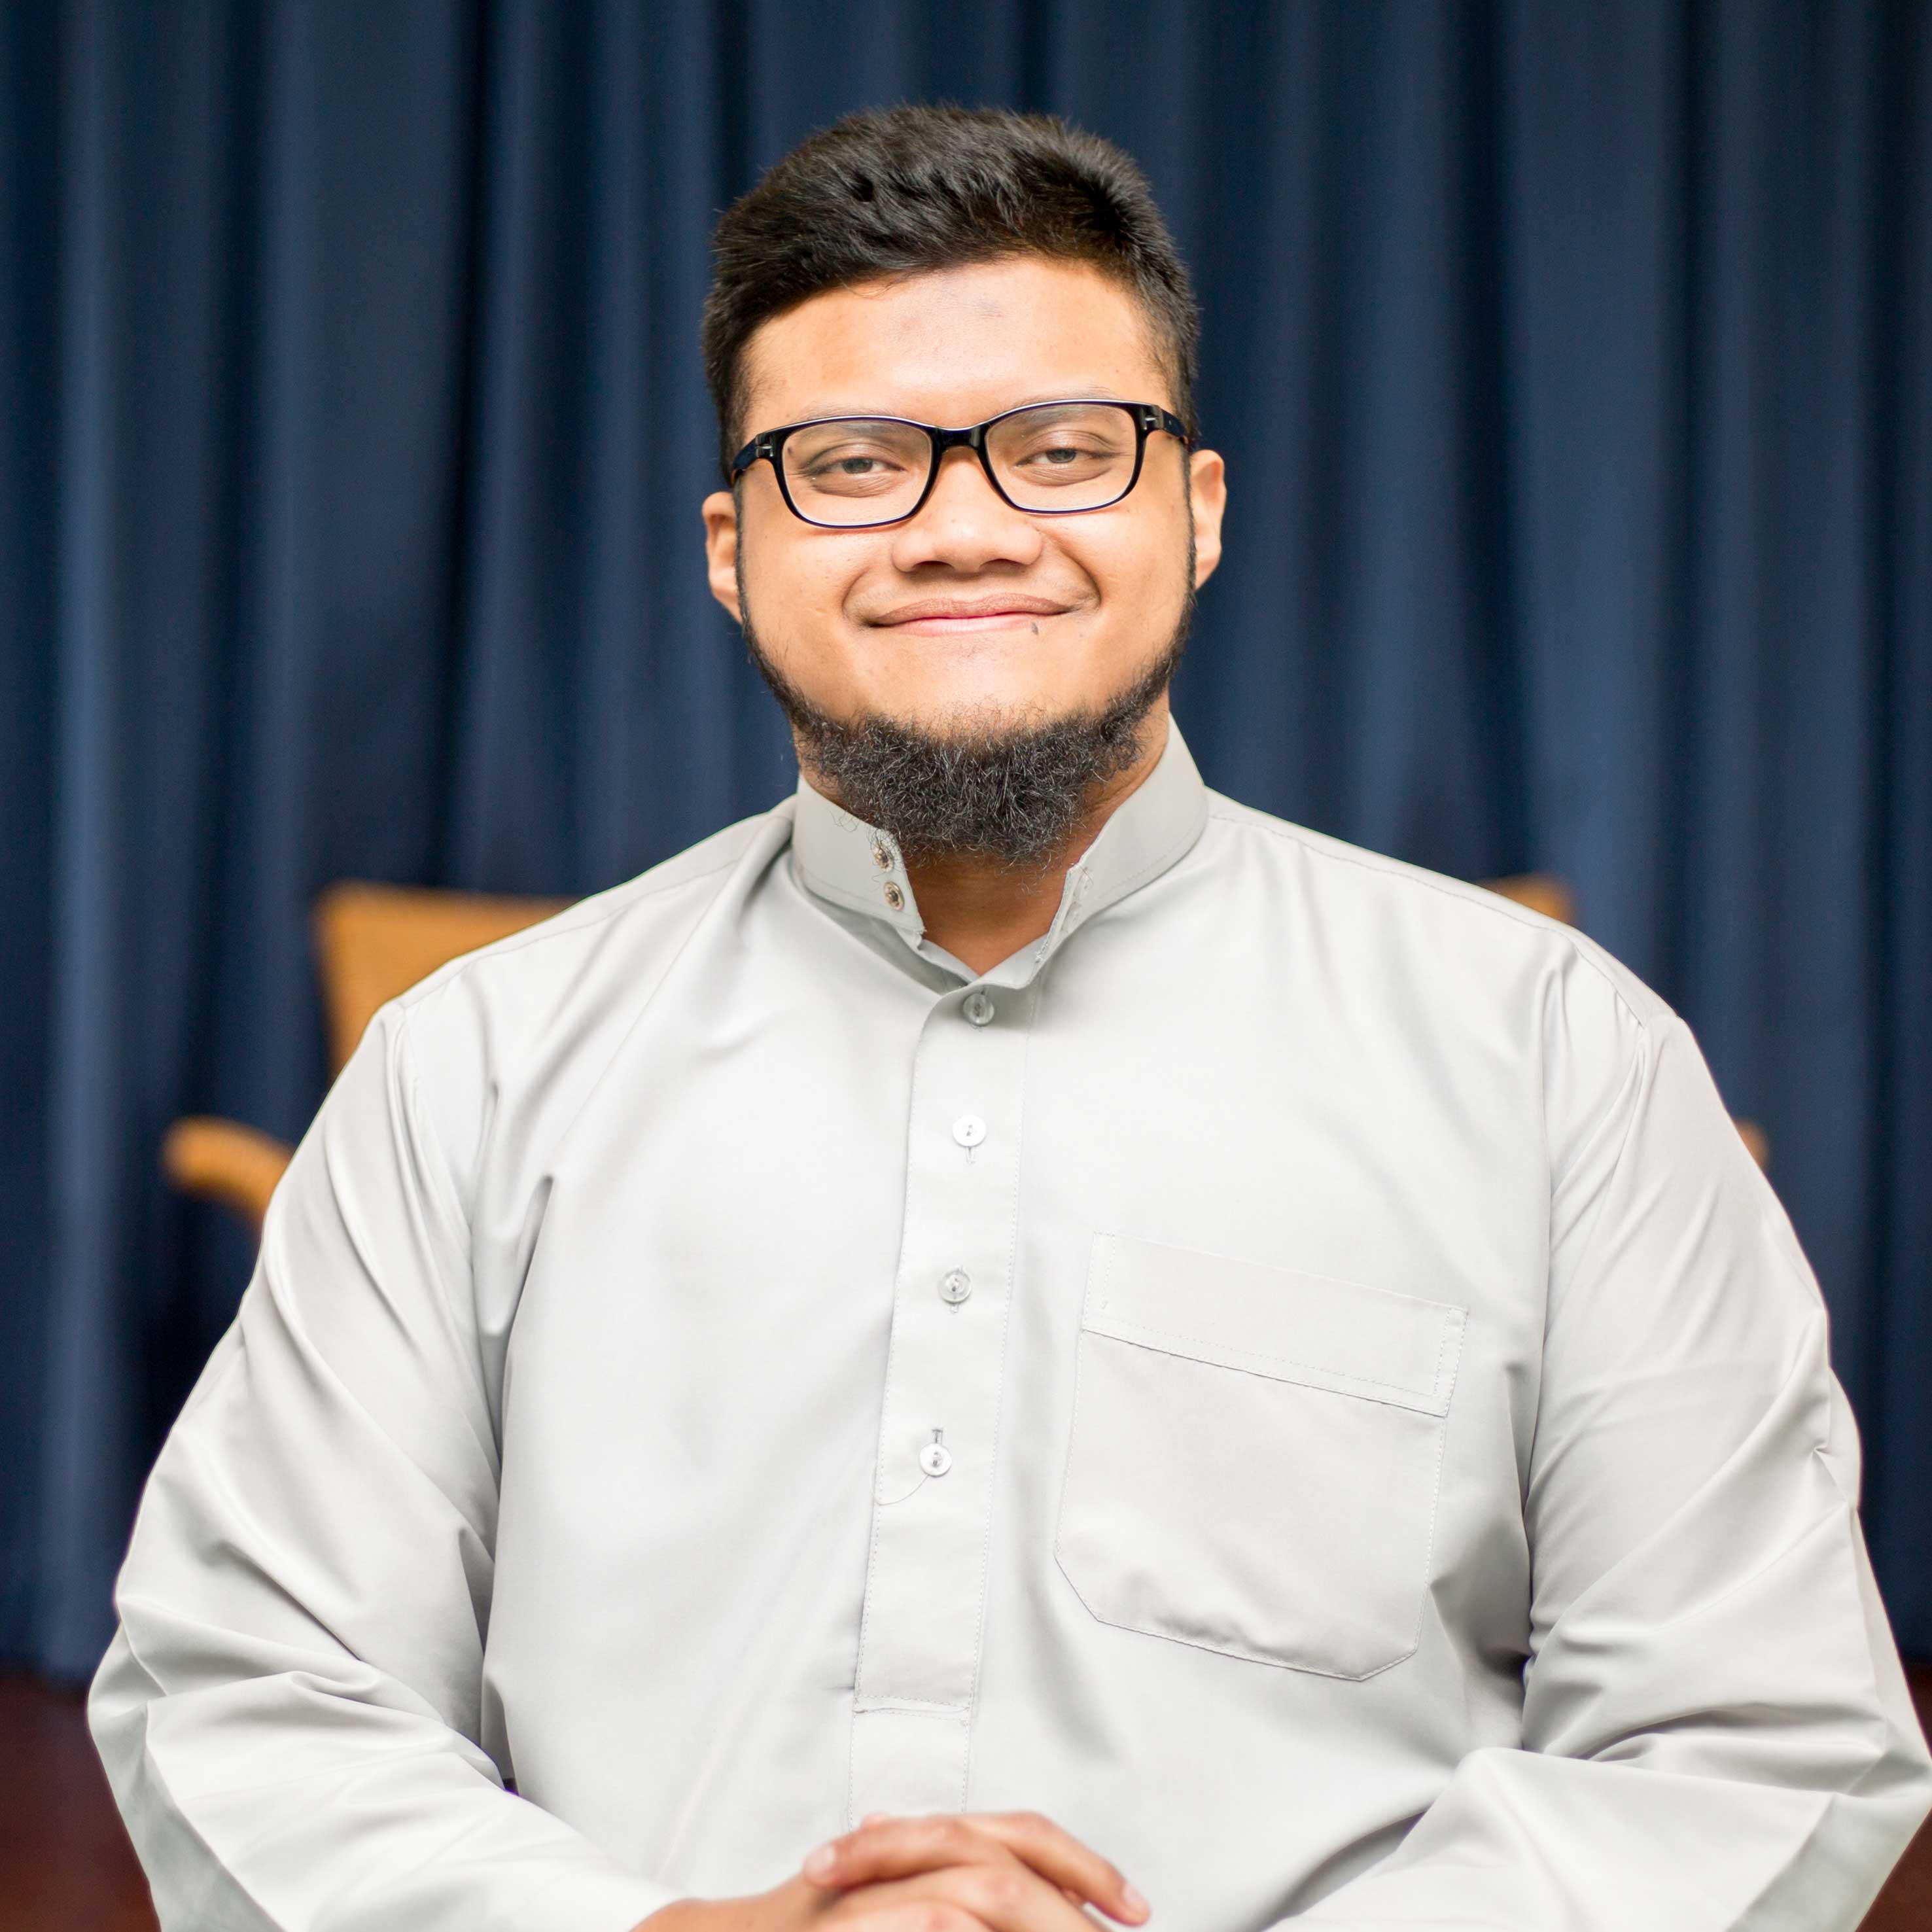 Ridhuwan Rashid